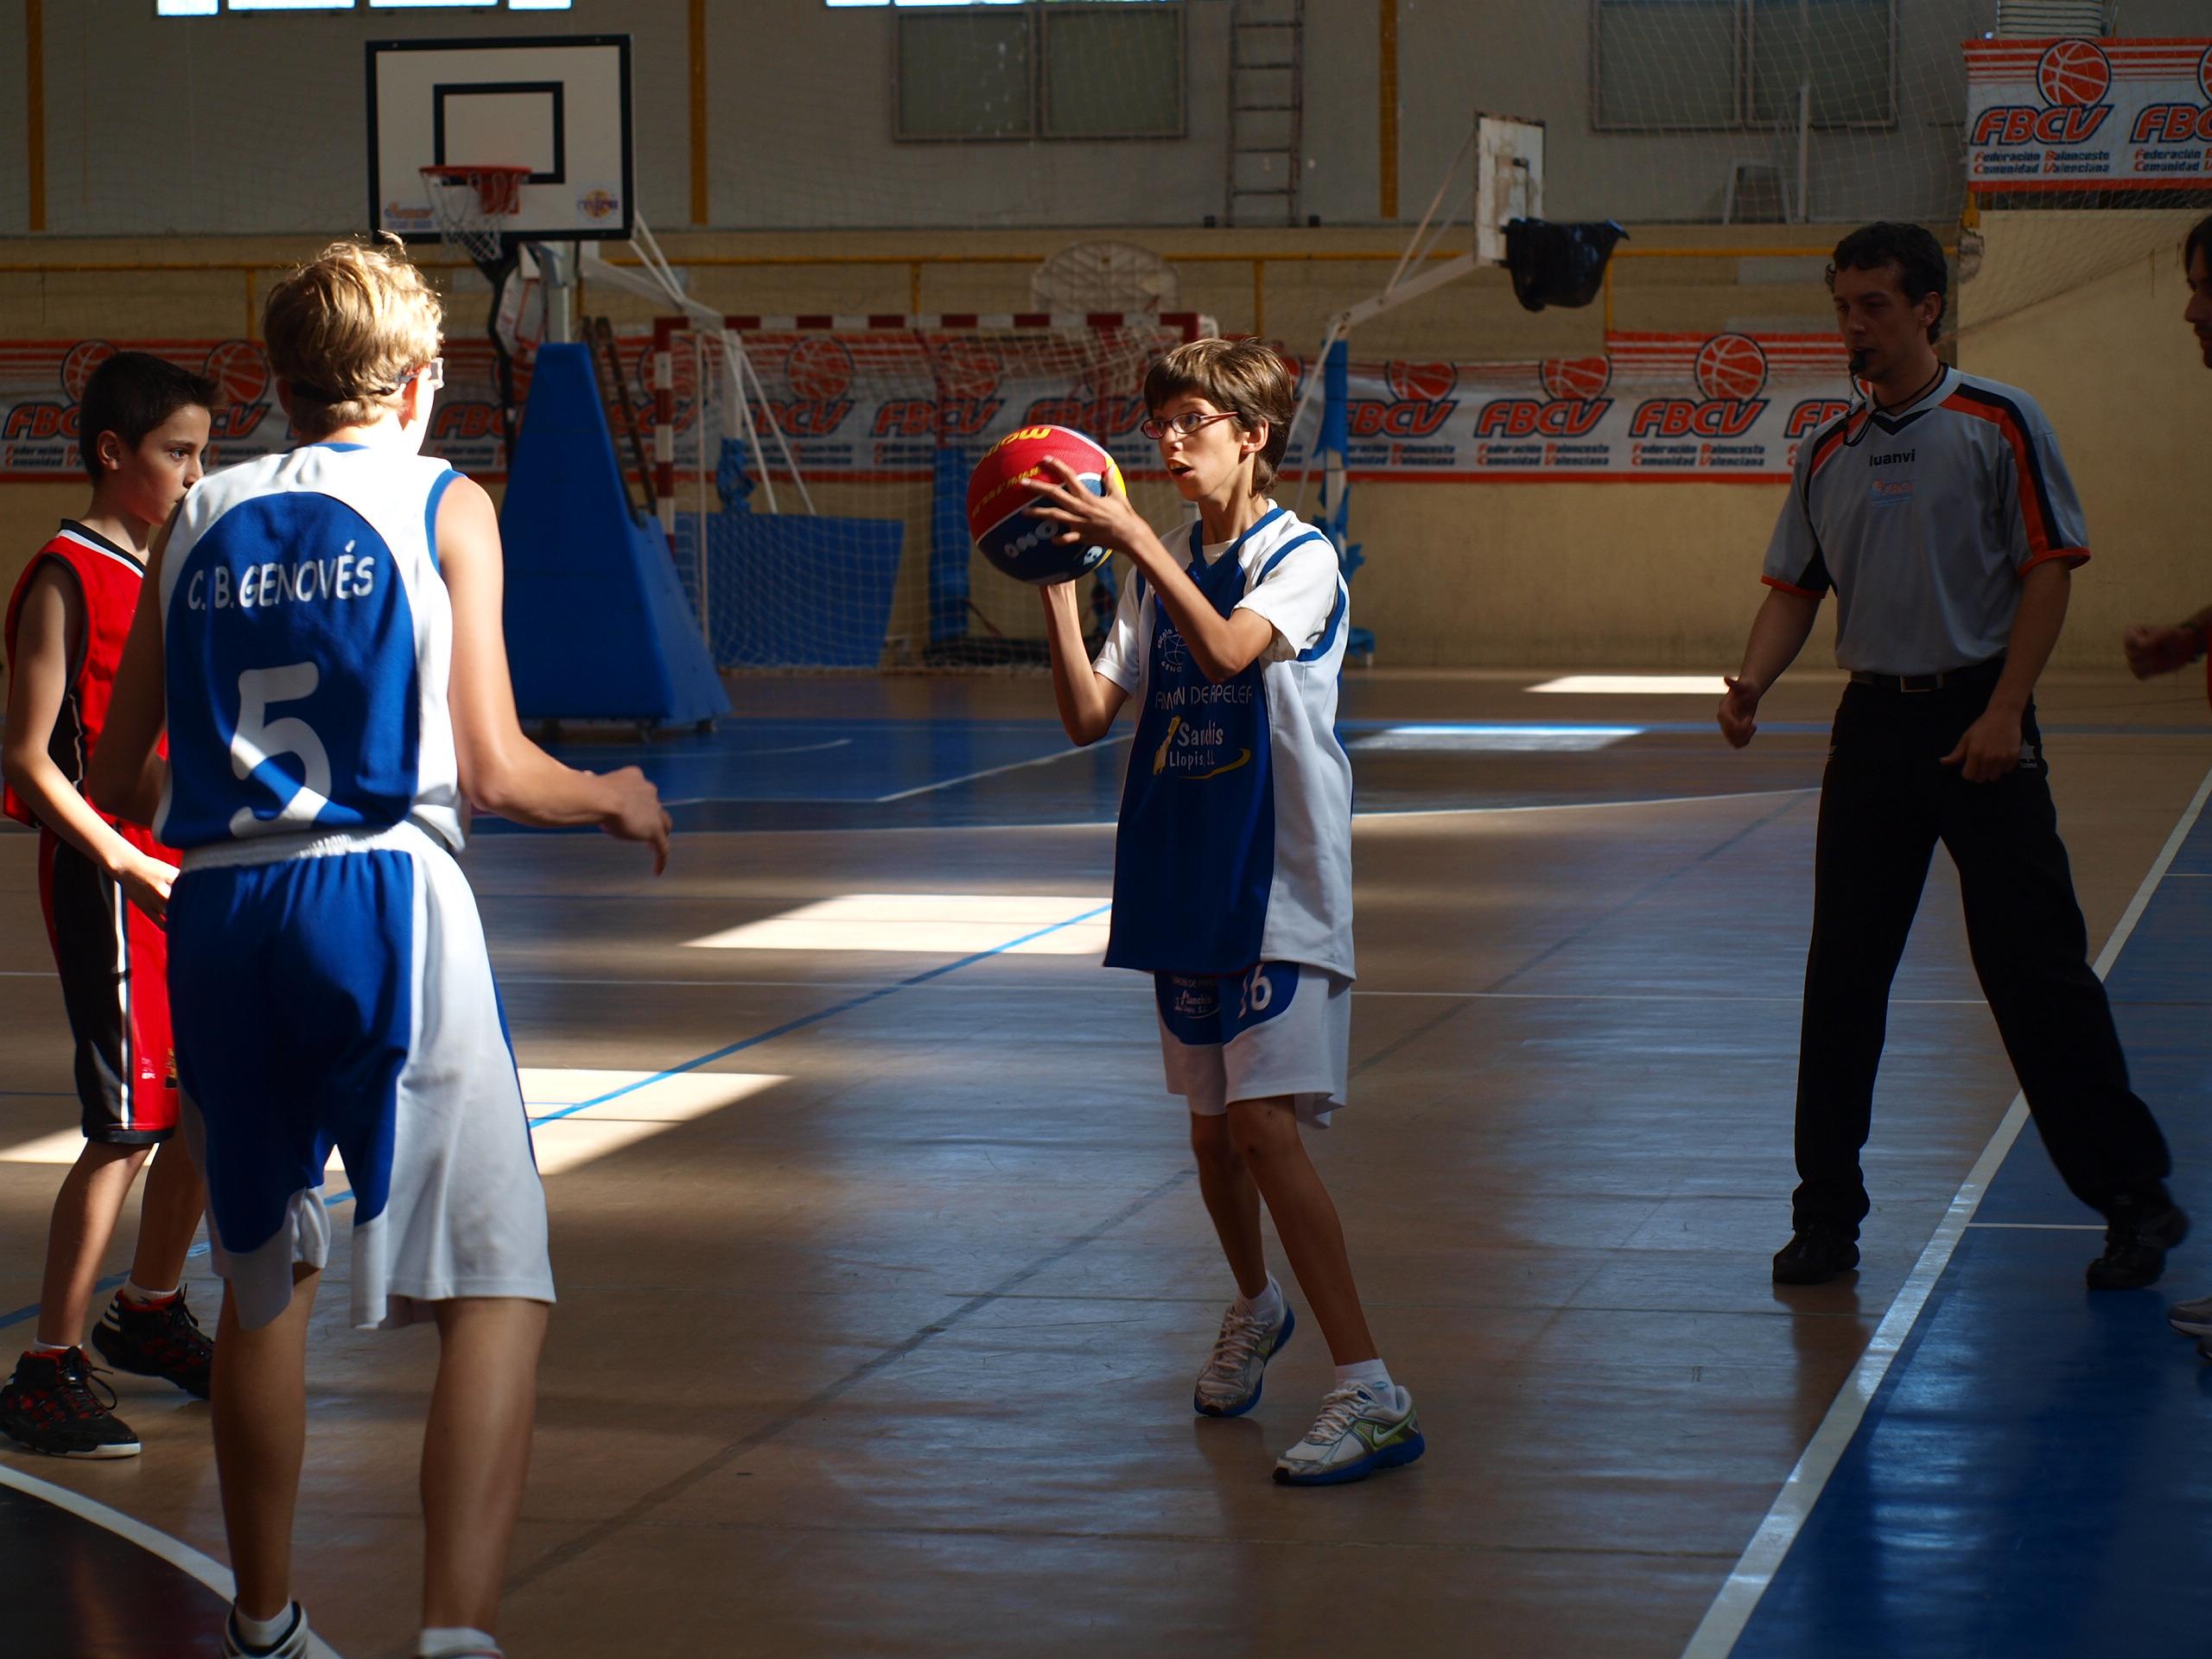 8c61bd06af Baloncesto y diversidad funcional. Hacia una práctica del baloncesto ...